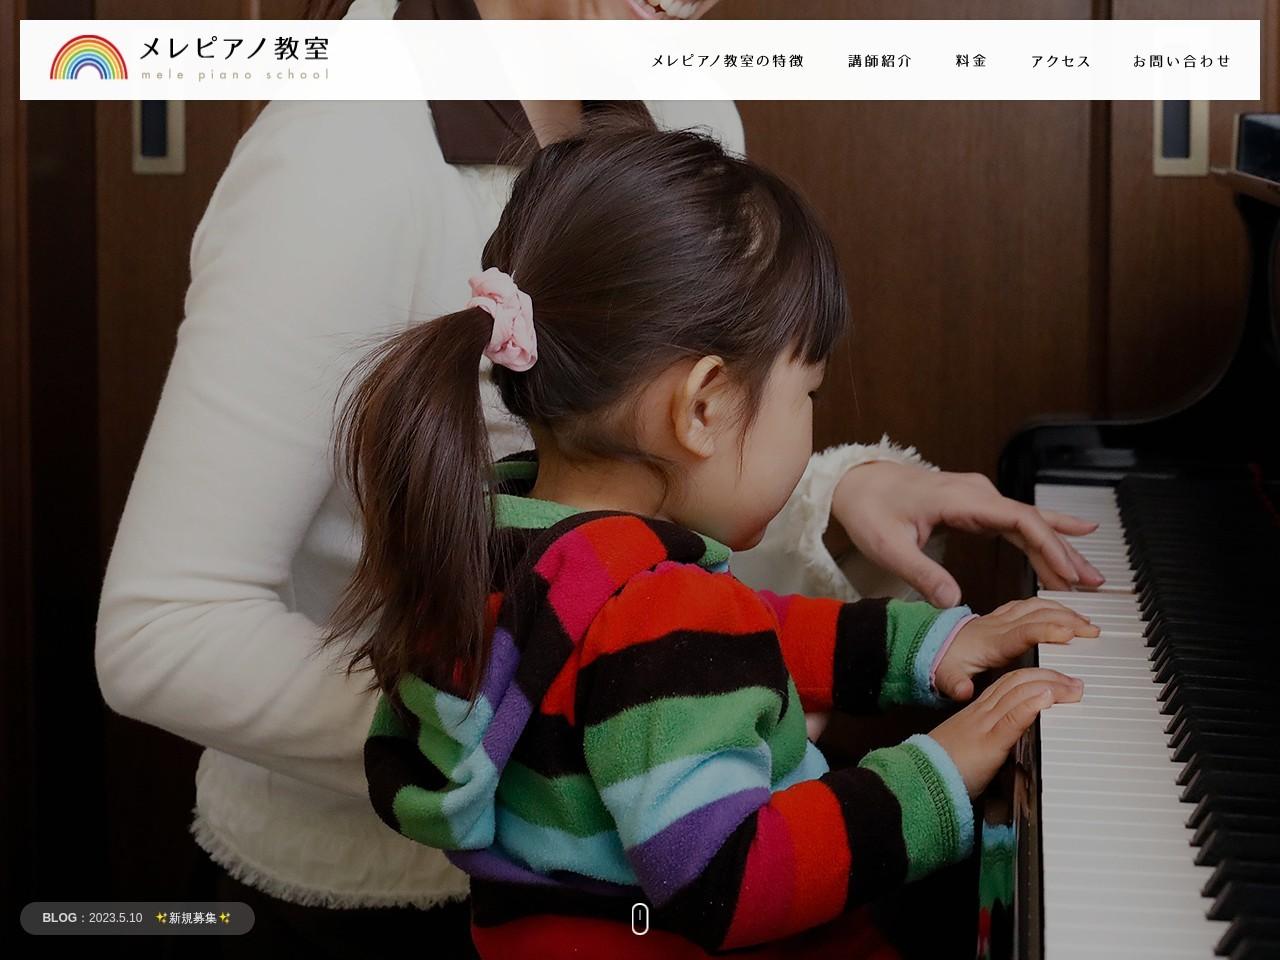 メレピアノ教室のサムネイル